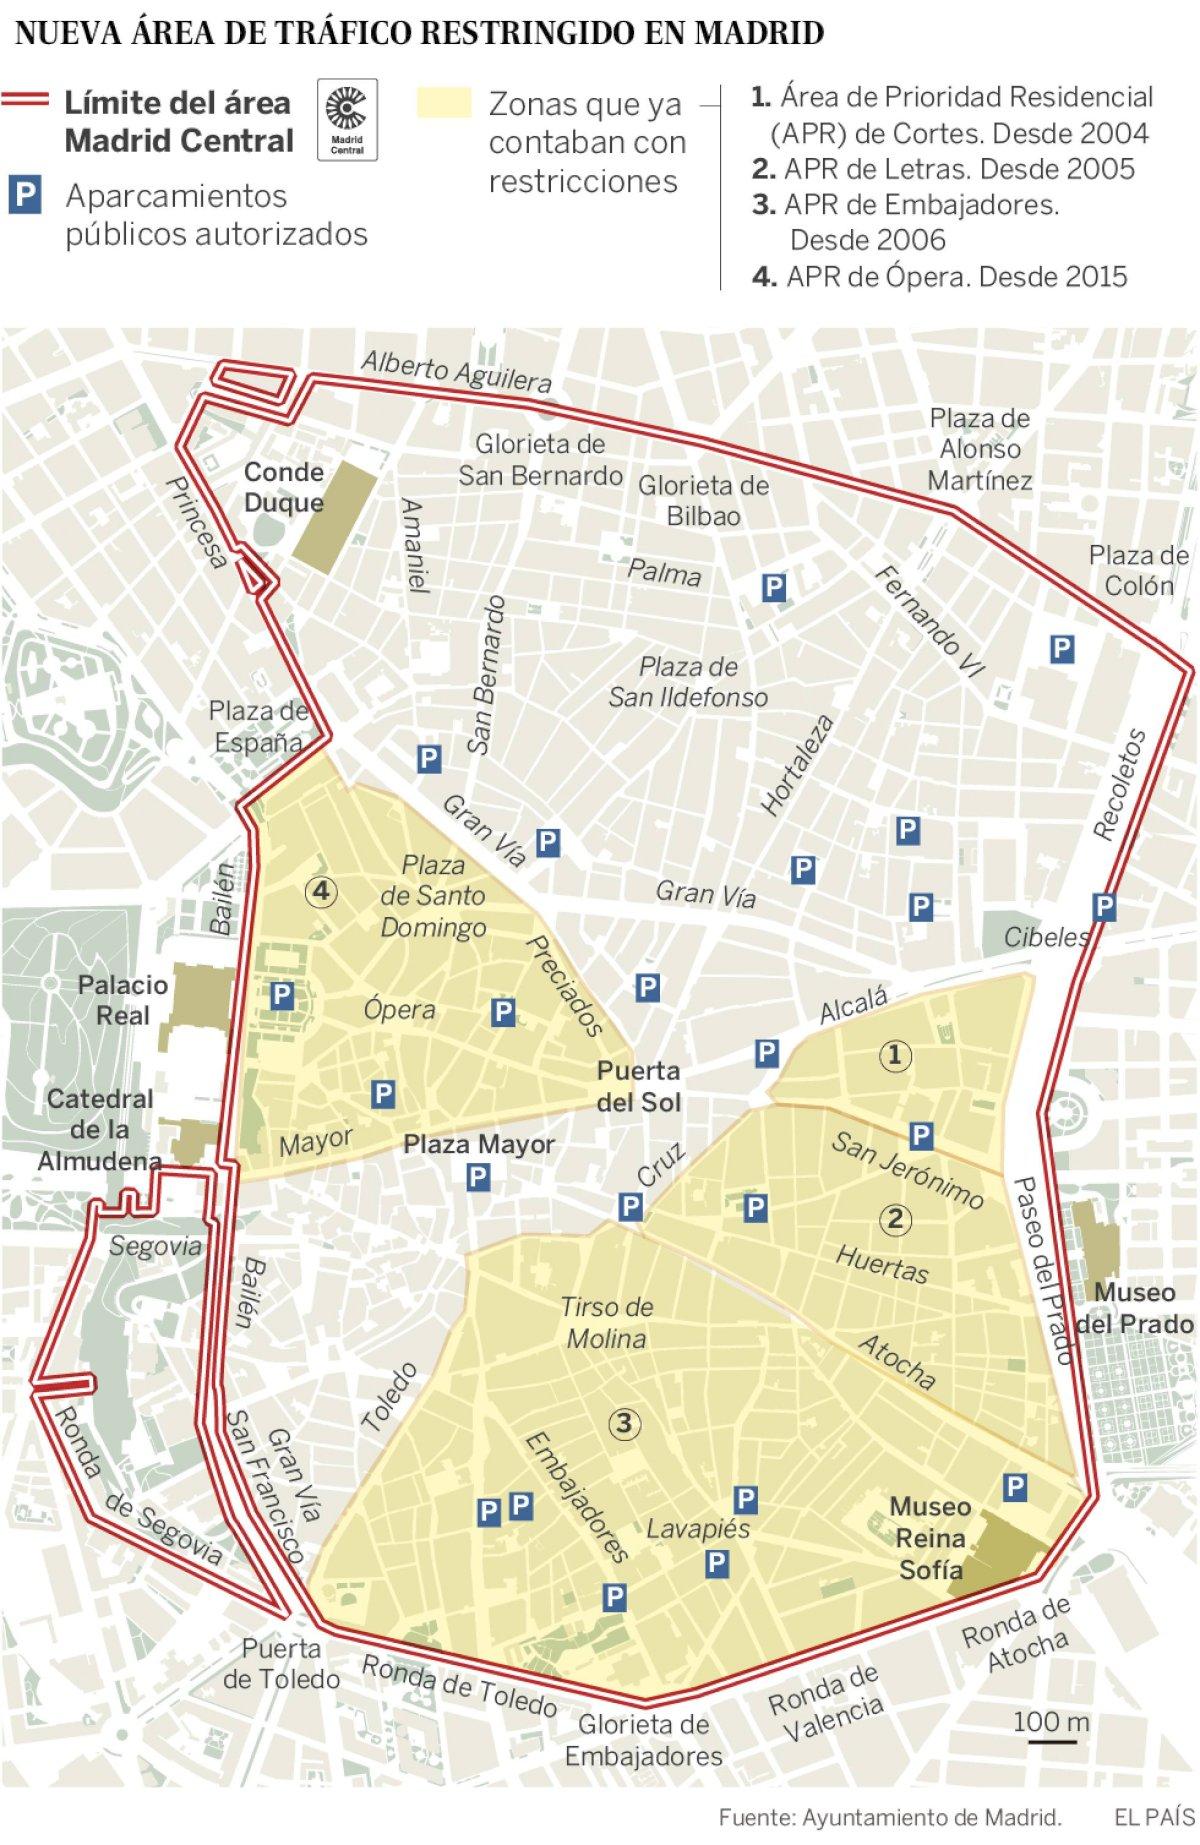 Mappa di Madrid centrale e relativi parcheggi